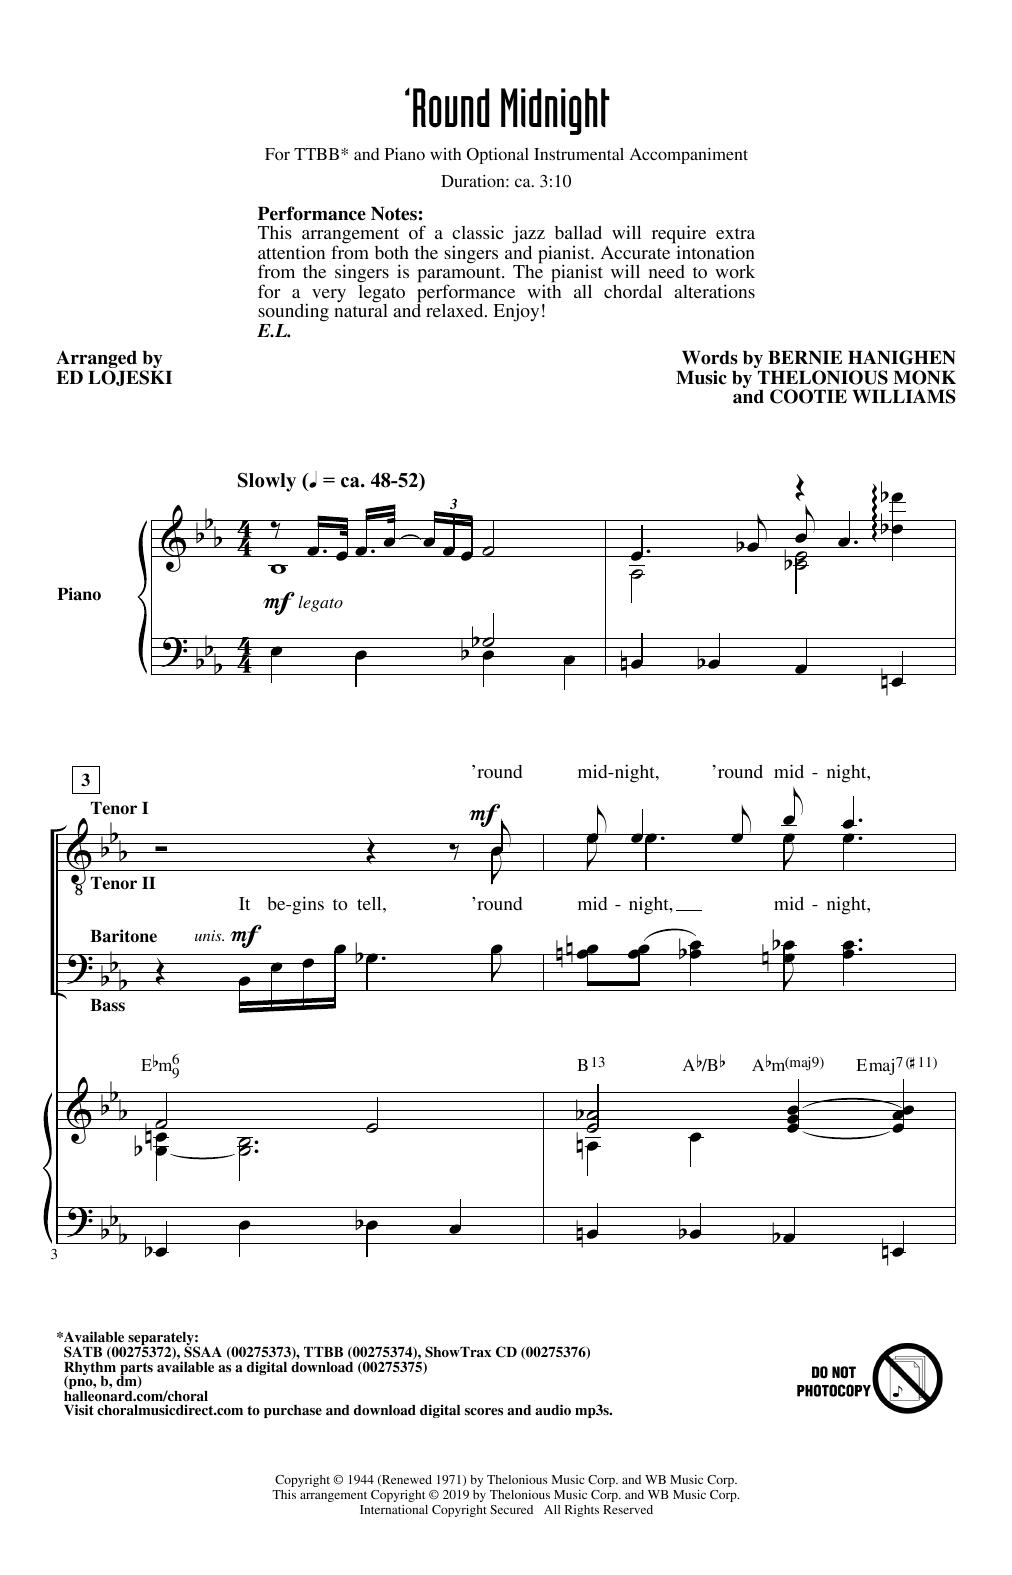 'Round Midnight (arr. Ed Lojeski) (TTBB Choir)